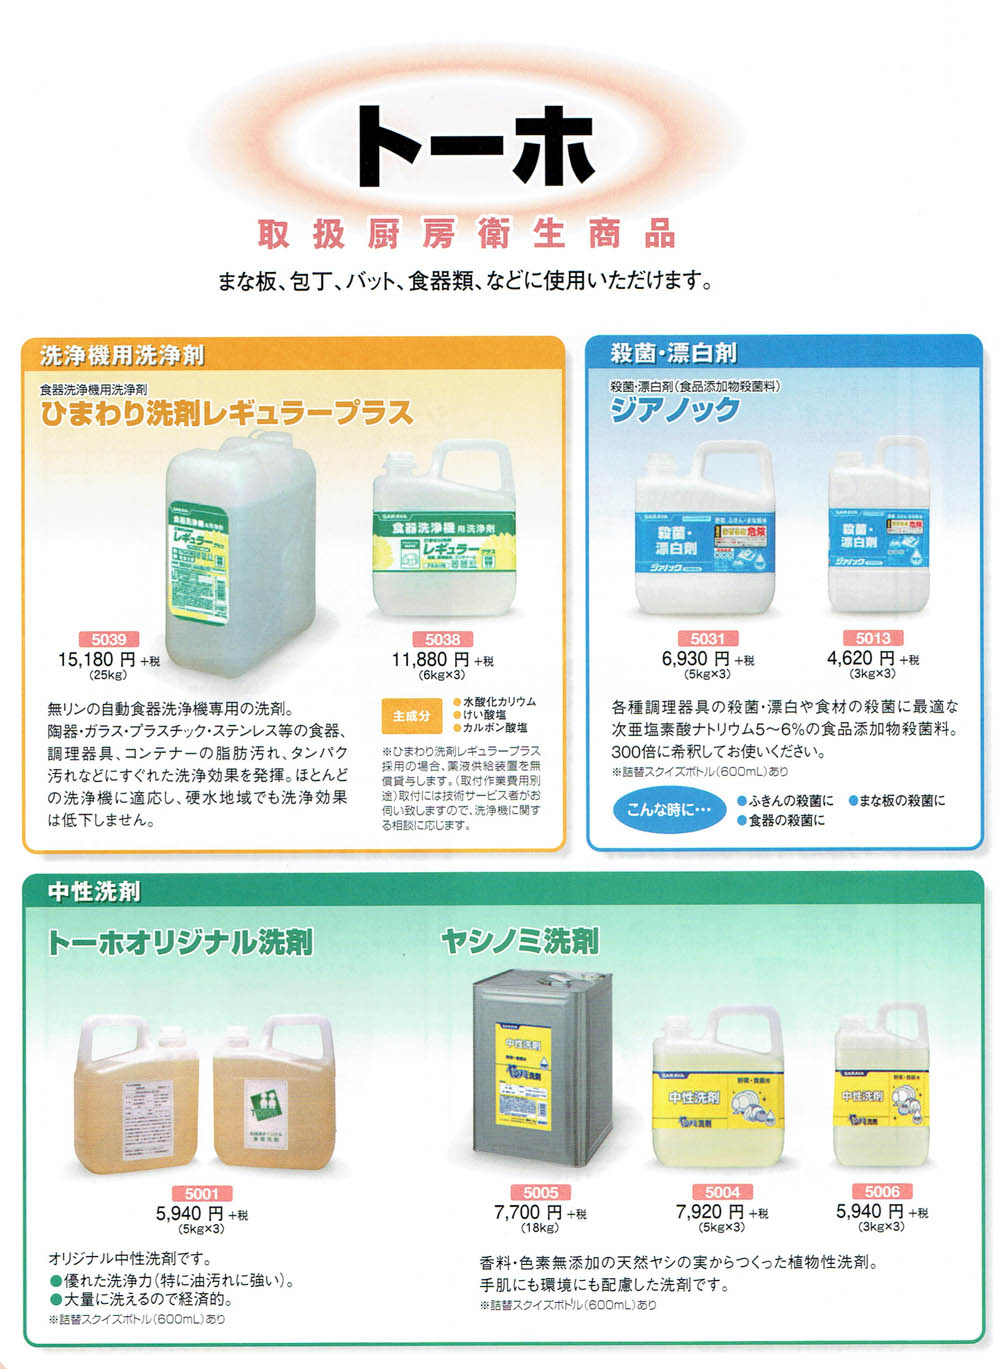 保育 衛生管理用品 まな板・包丁・食器類に使える洗浄剤一覧